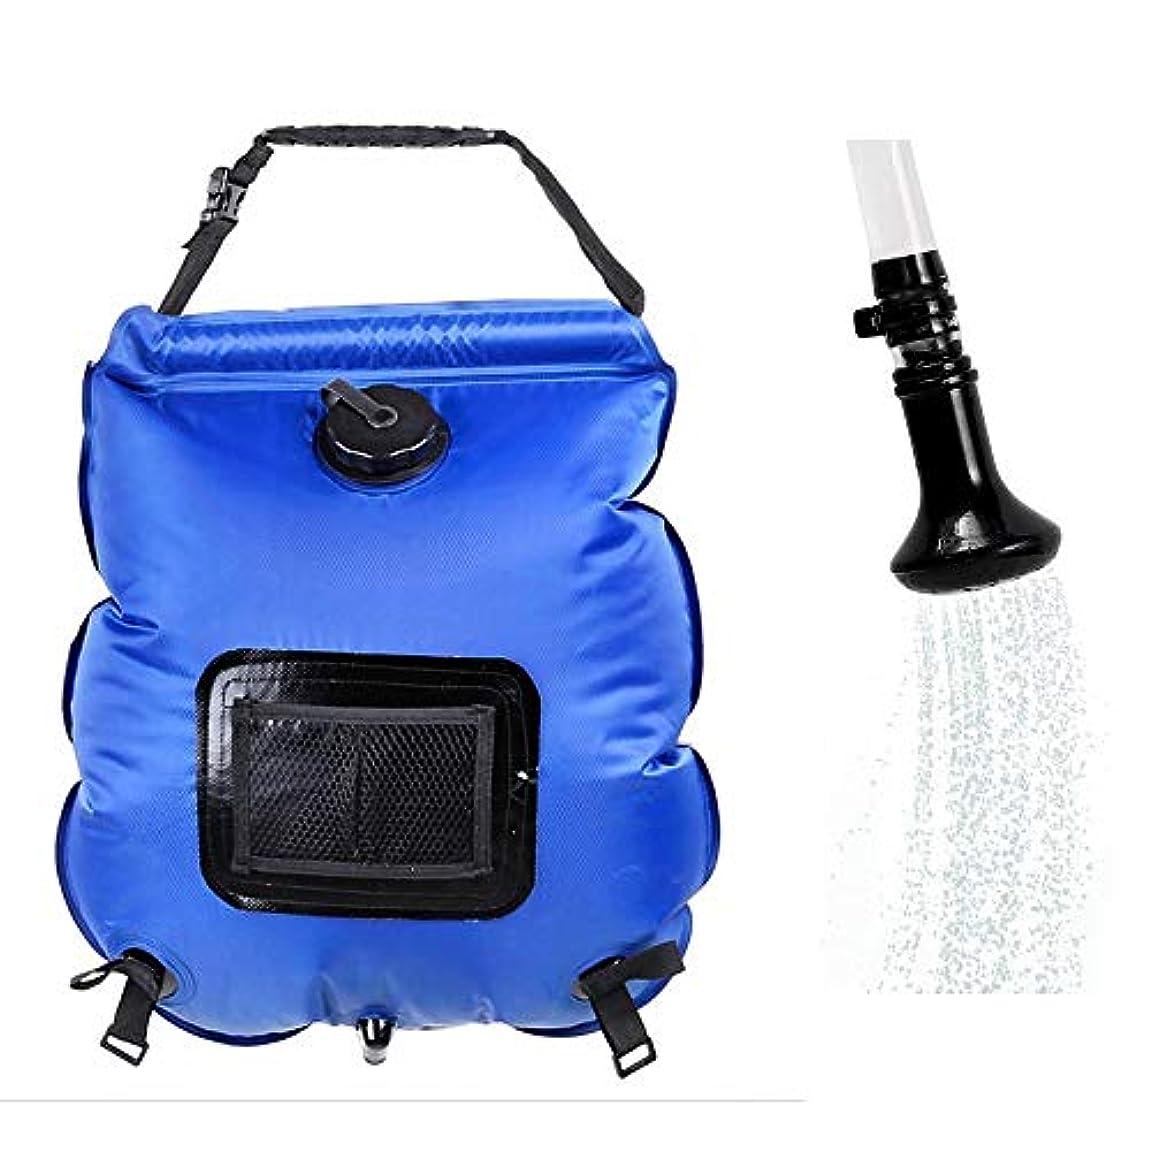 準備ファセットコーデリアGocher 20L ウォーターバッグ アウトドア 5ガロン PVC 折りたたみ ポータブル ソーラーシャワーバッグ キャンプ シャワー 温度計付き